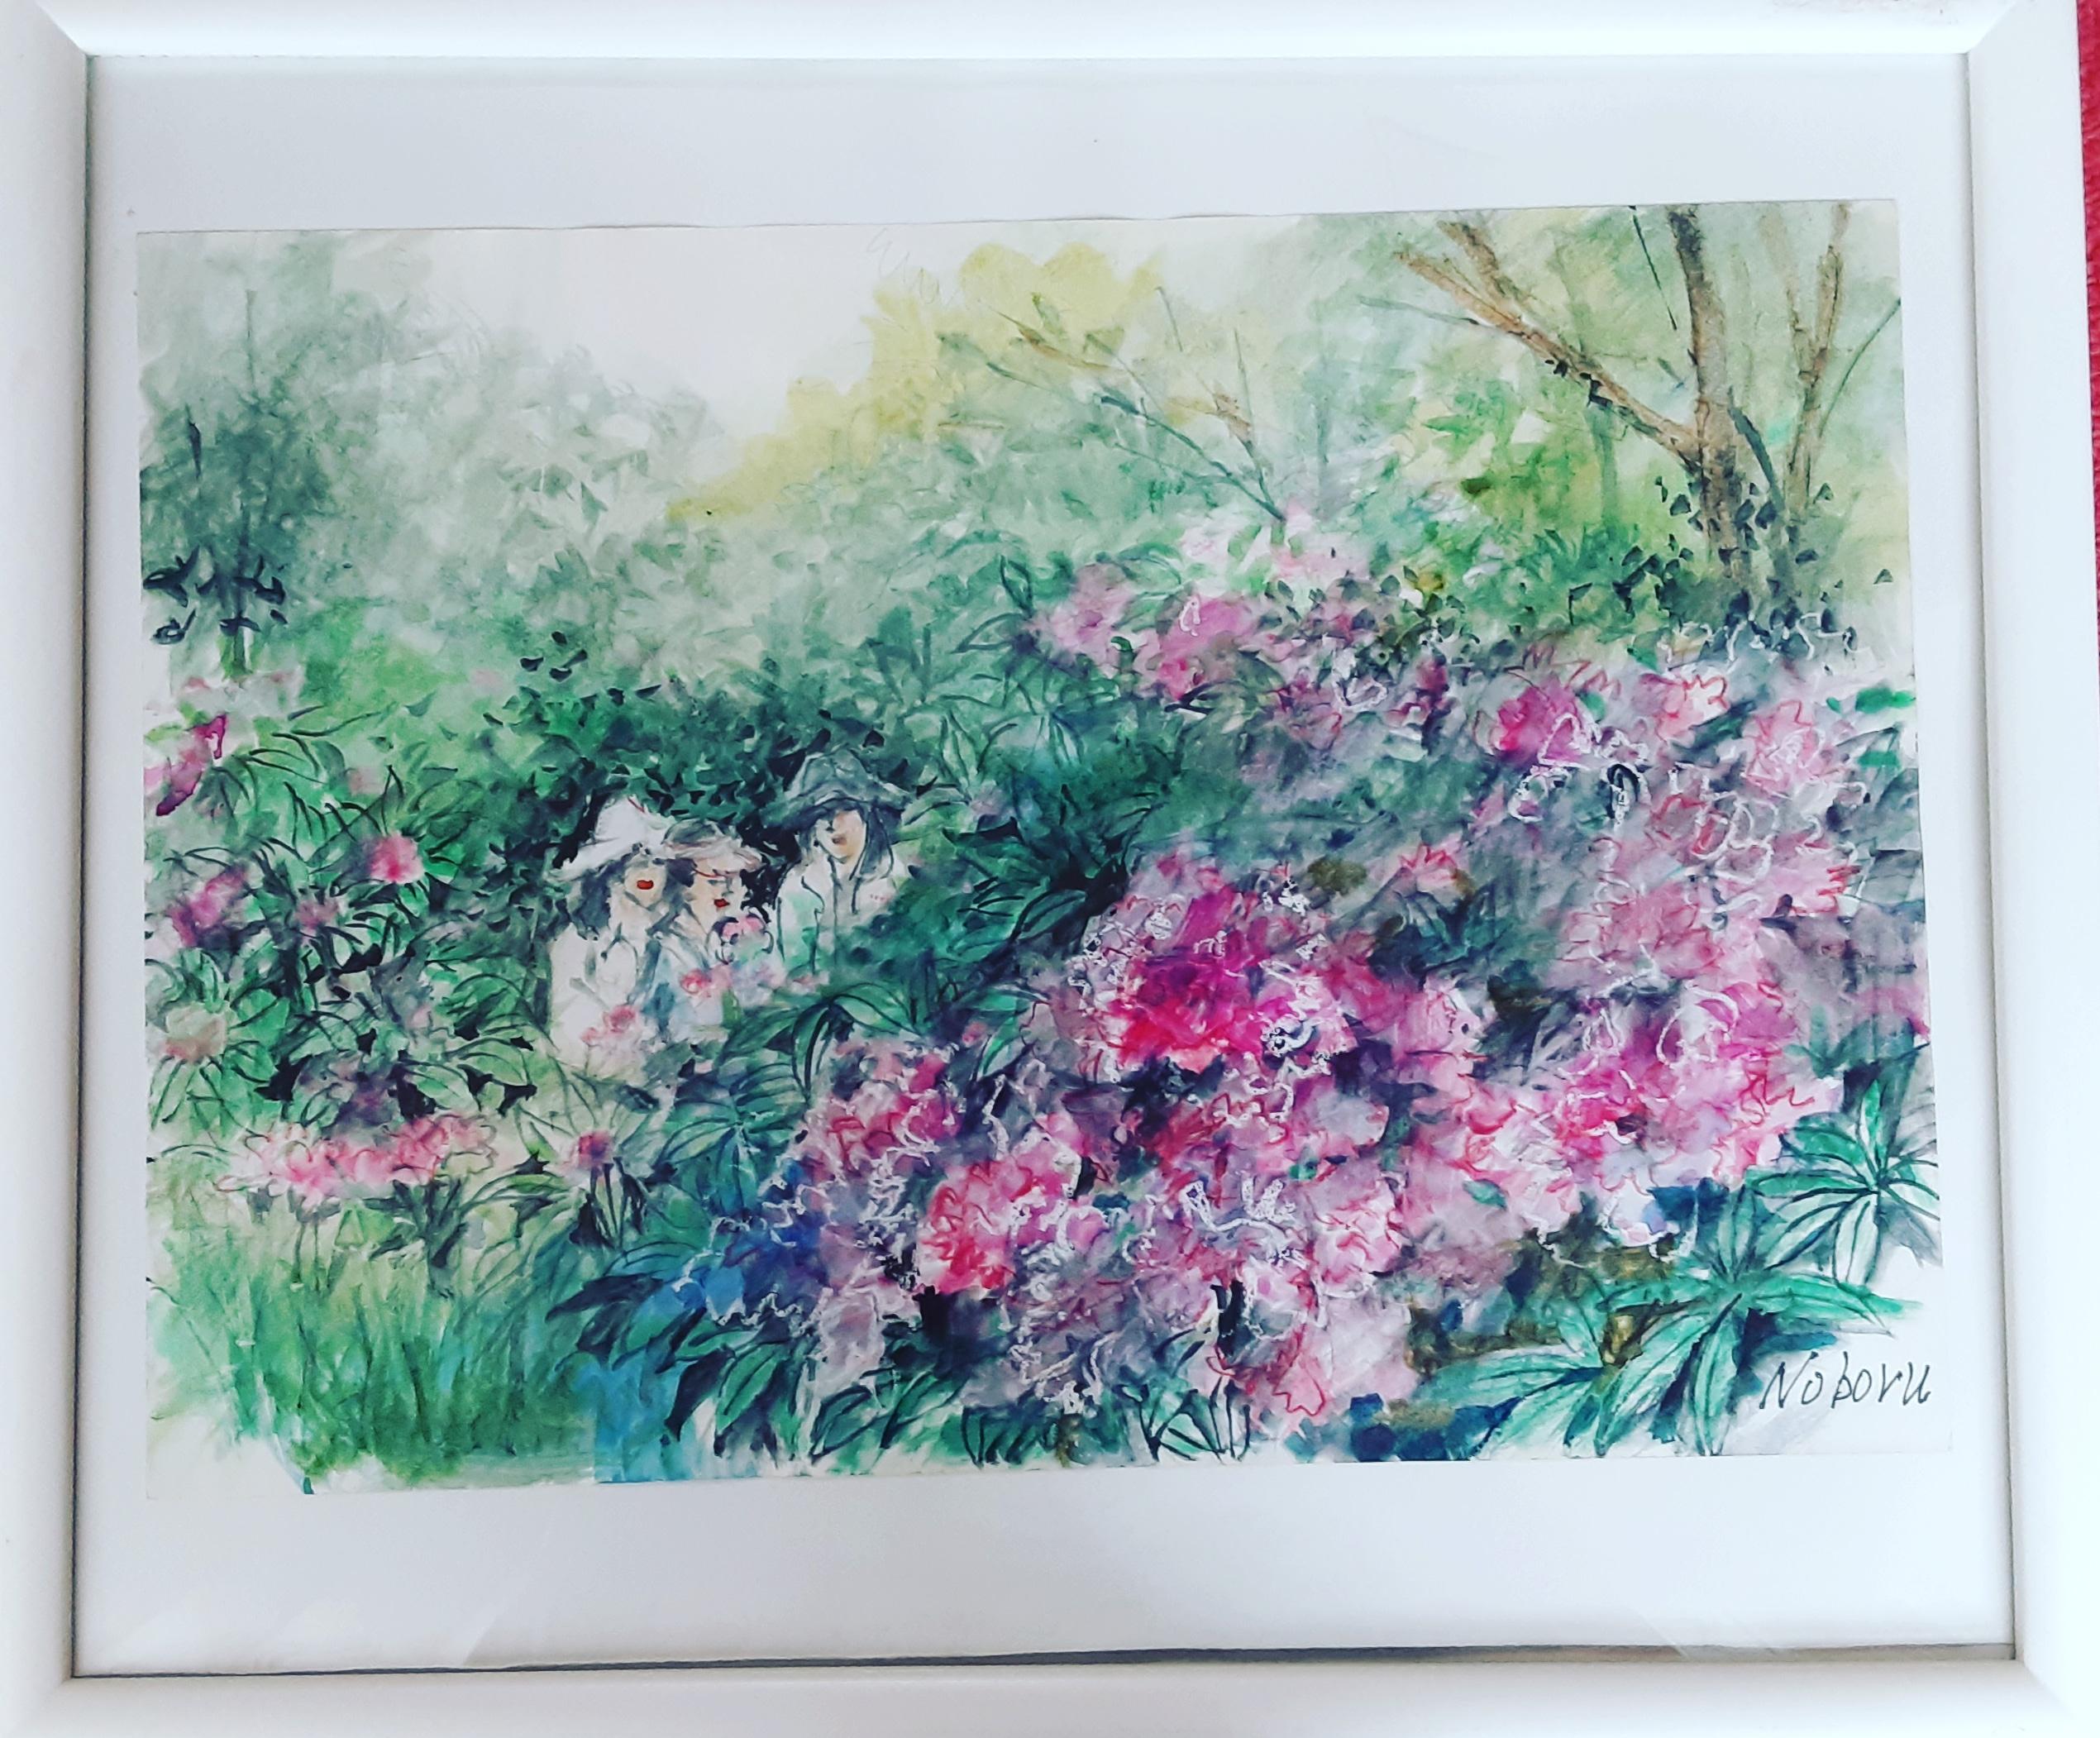 石楠花(シャクナゲ)は今年も綺麗に咲いているでしょうか?去年の絵が完成しました🎶